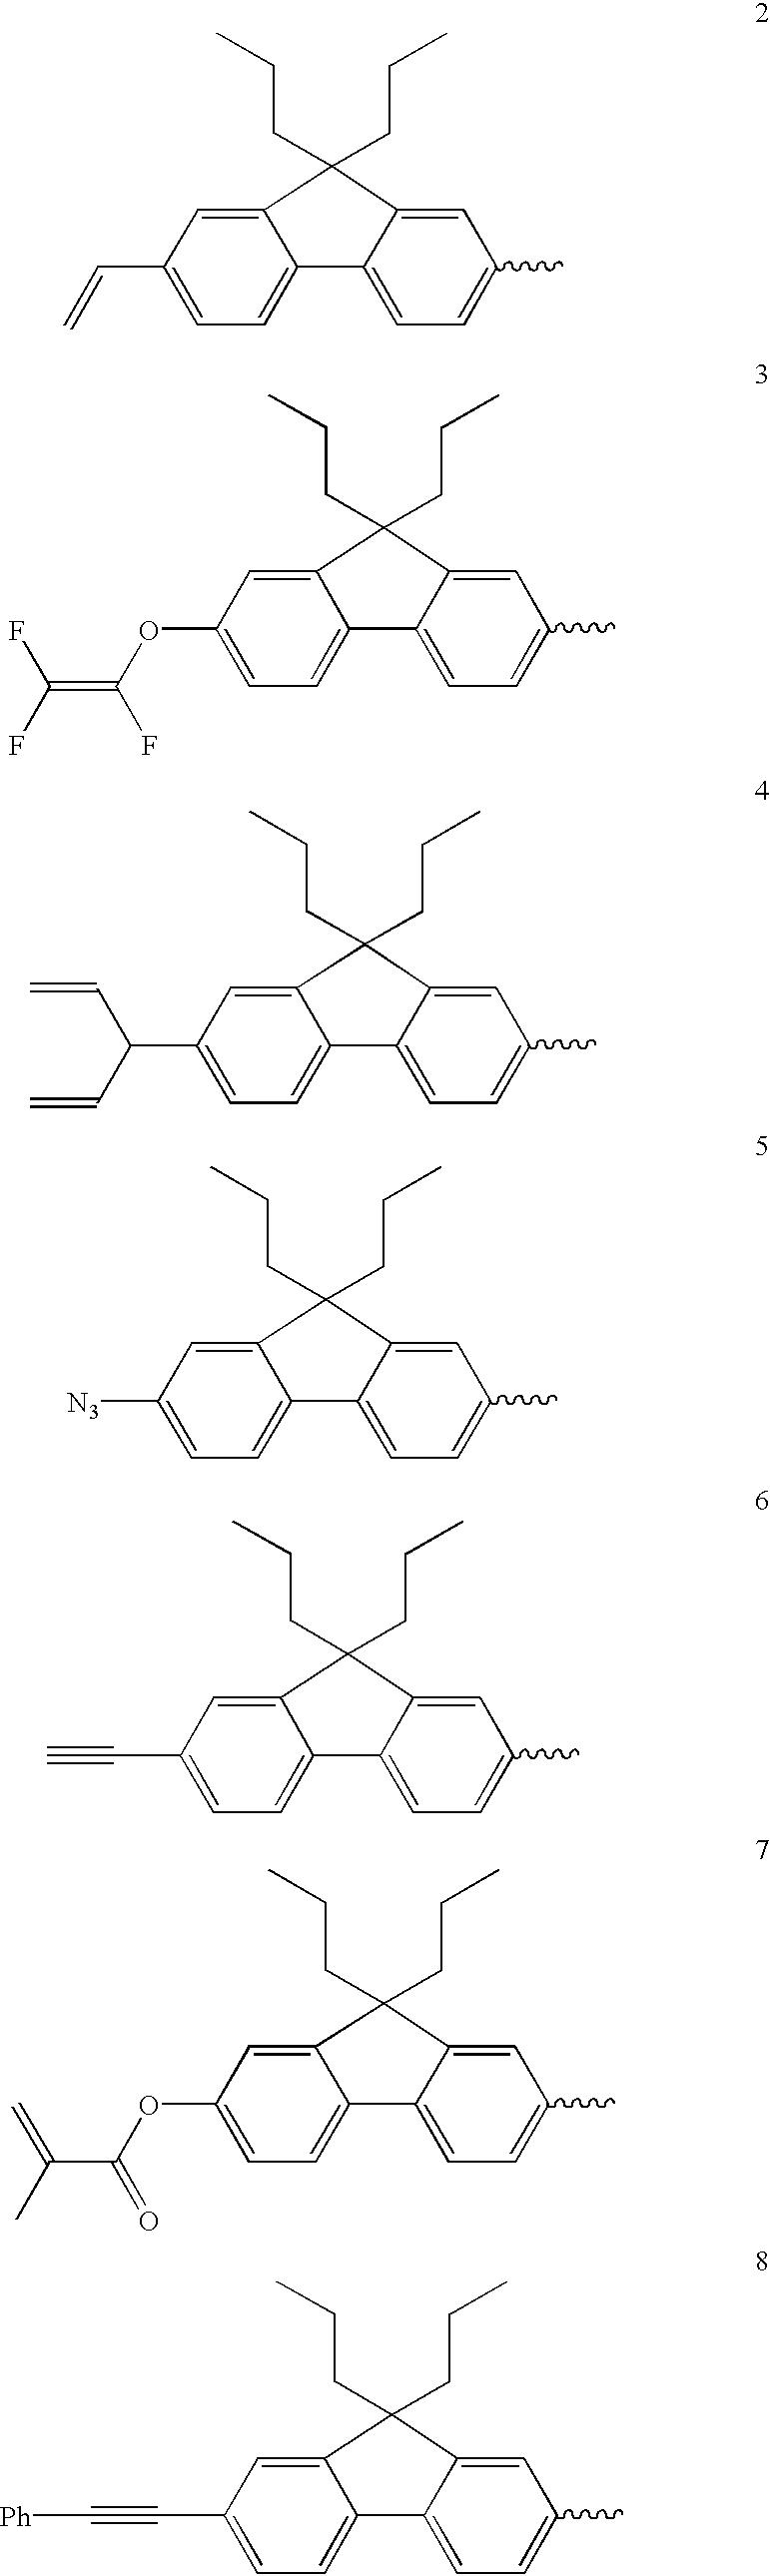 Figure US20030064248A1-20030403-C00002